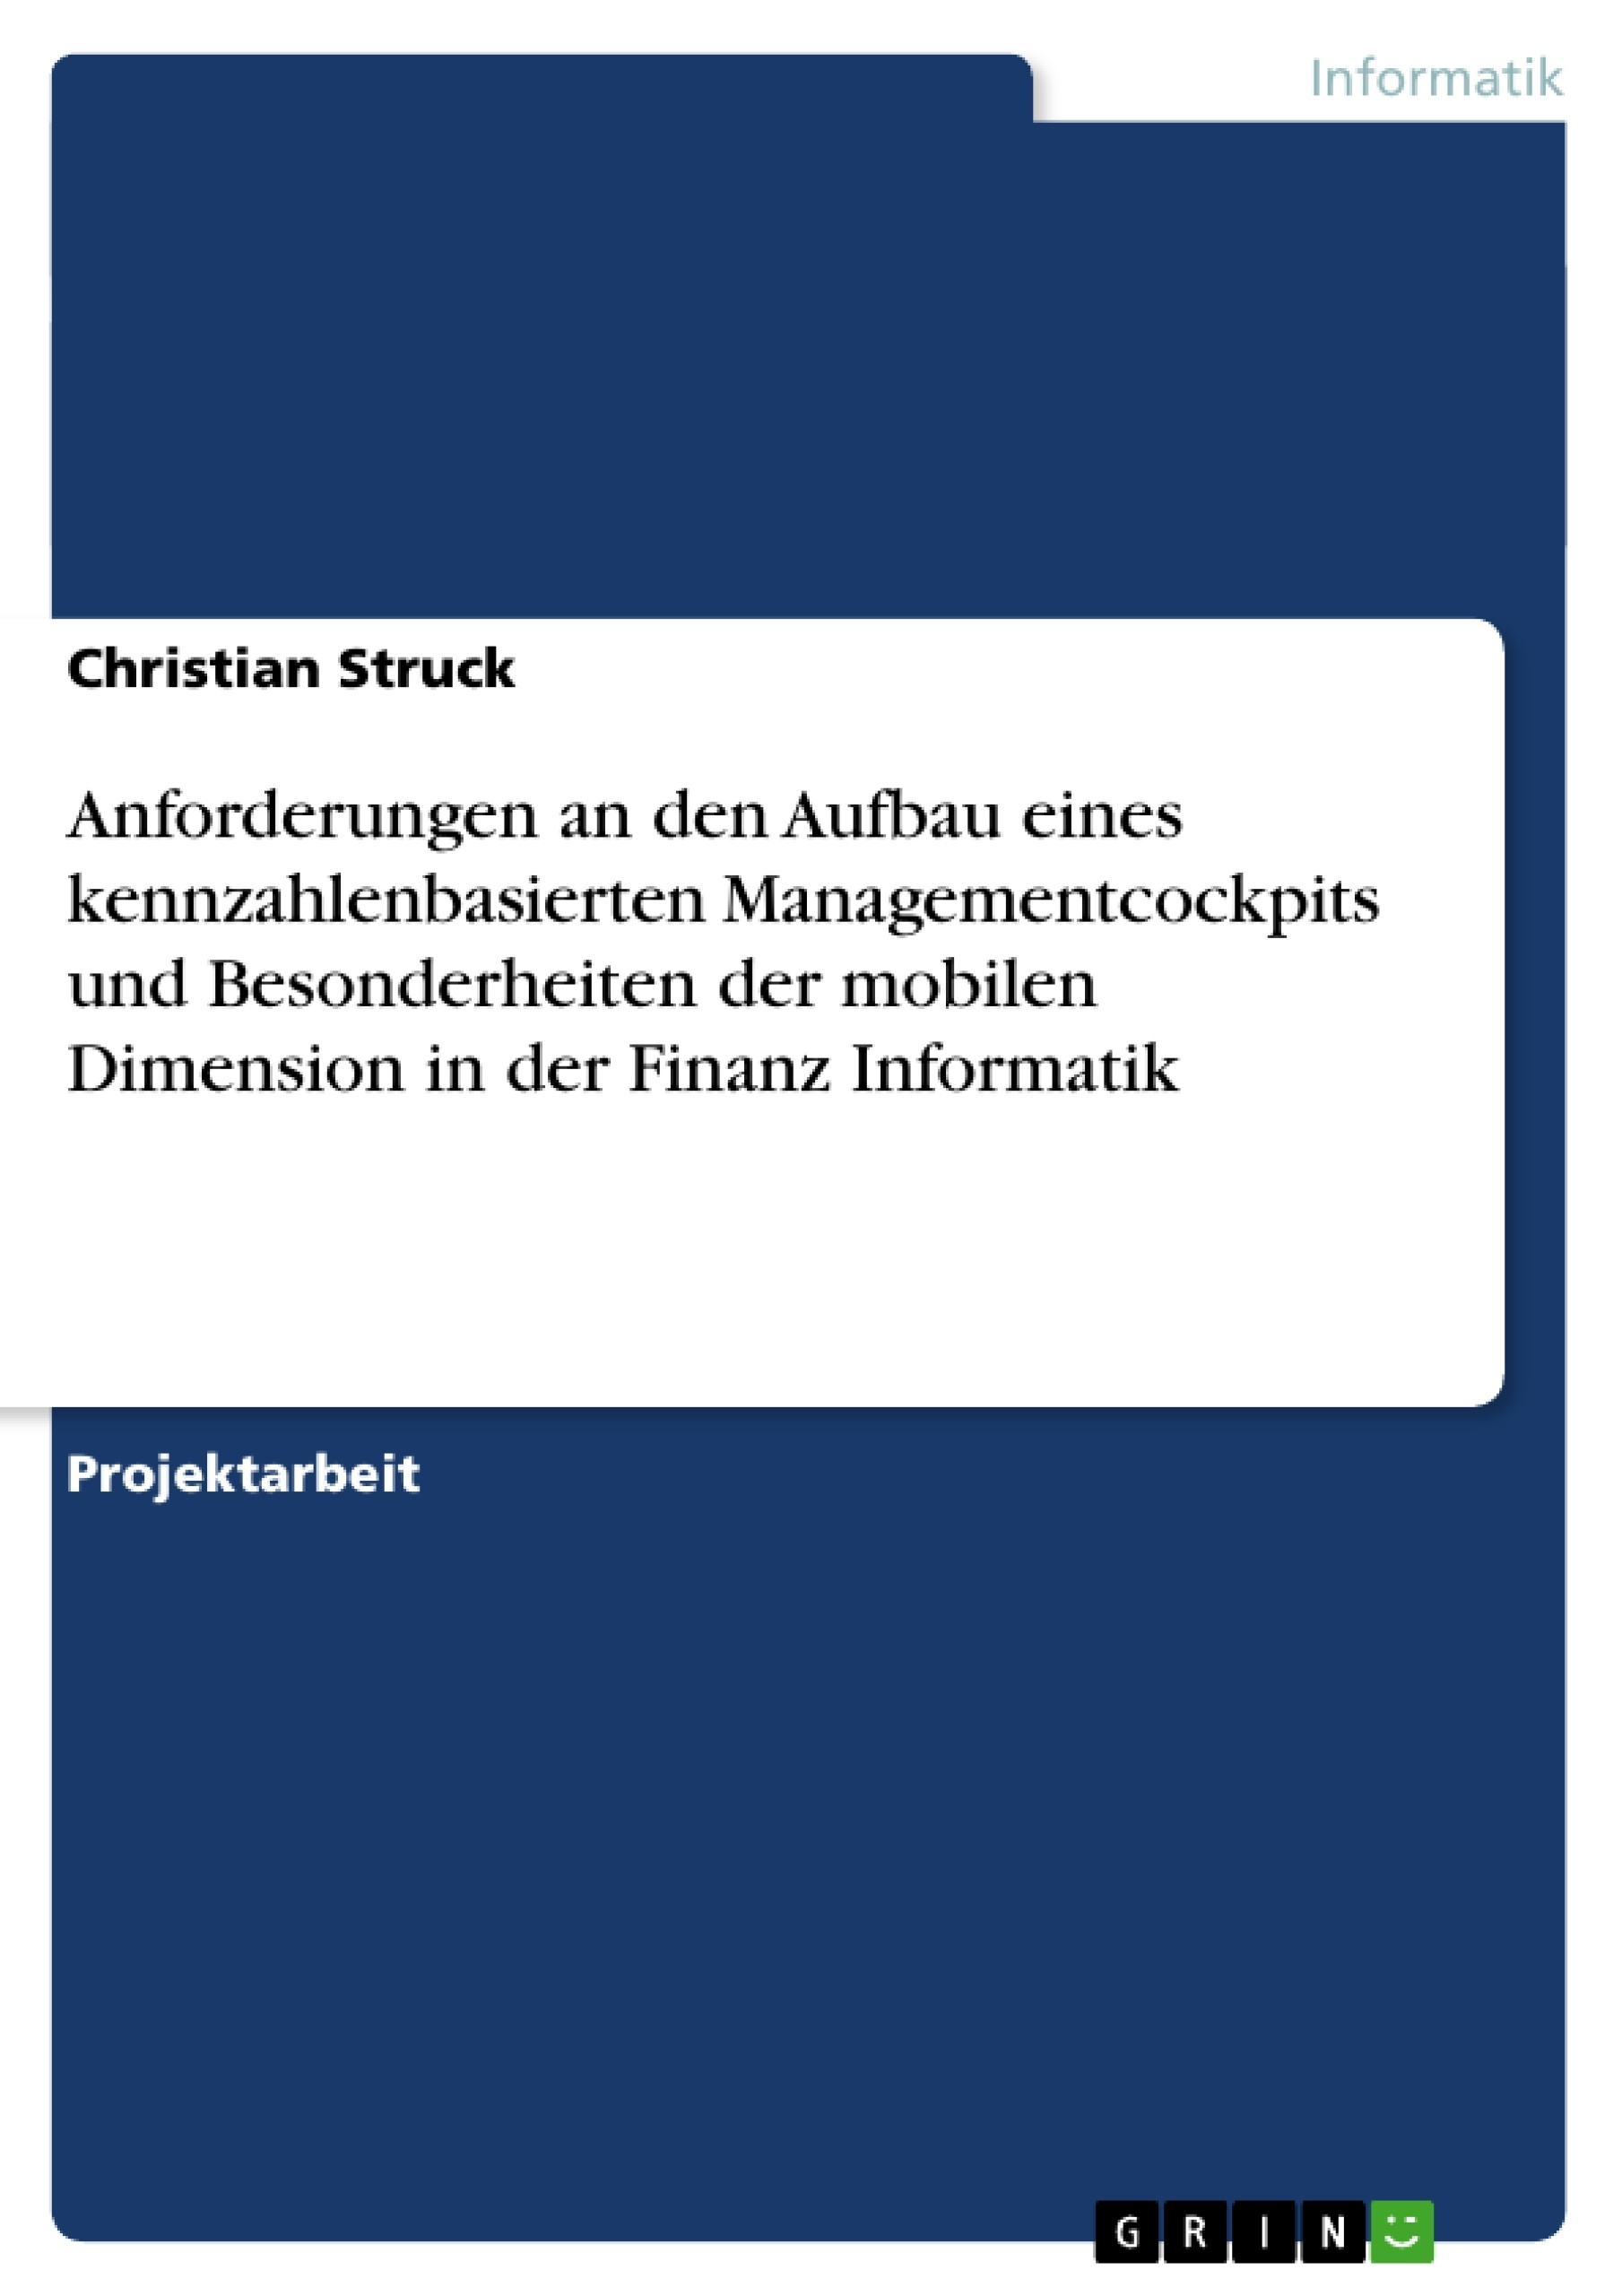 Titel: Anforderungen an den Aufbau eines kennzahlenbasierten Managementcockpits und Besonderheiten der mobilen Dimension in der Finanz Informatik